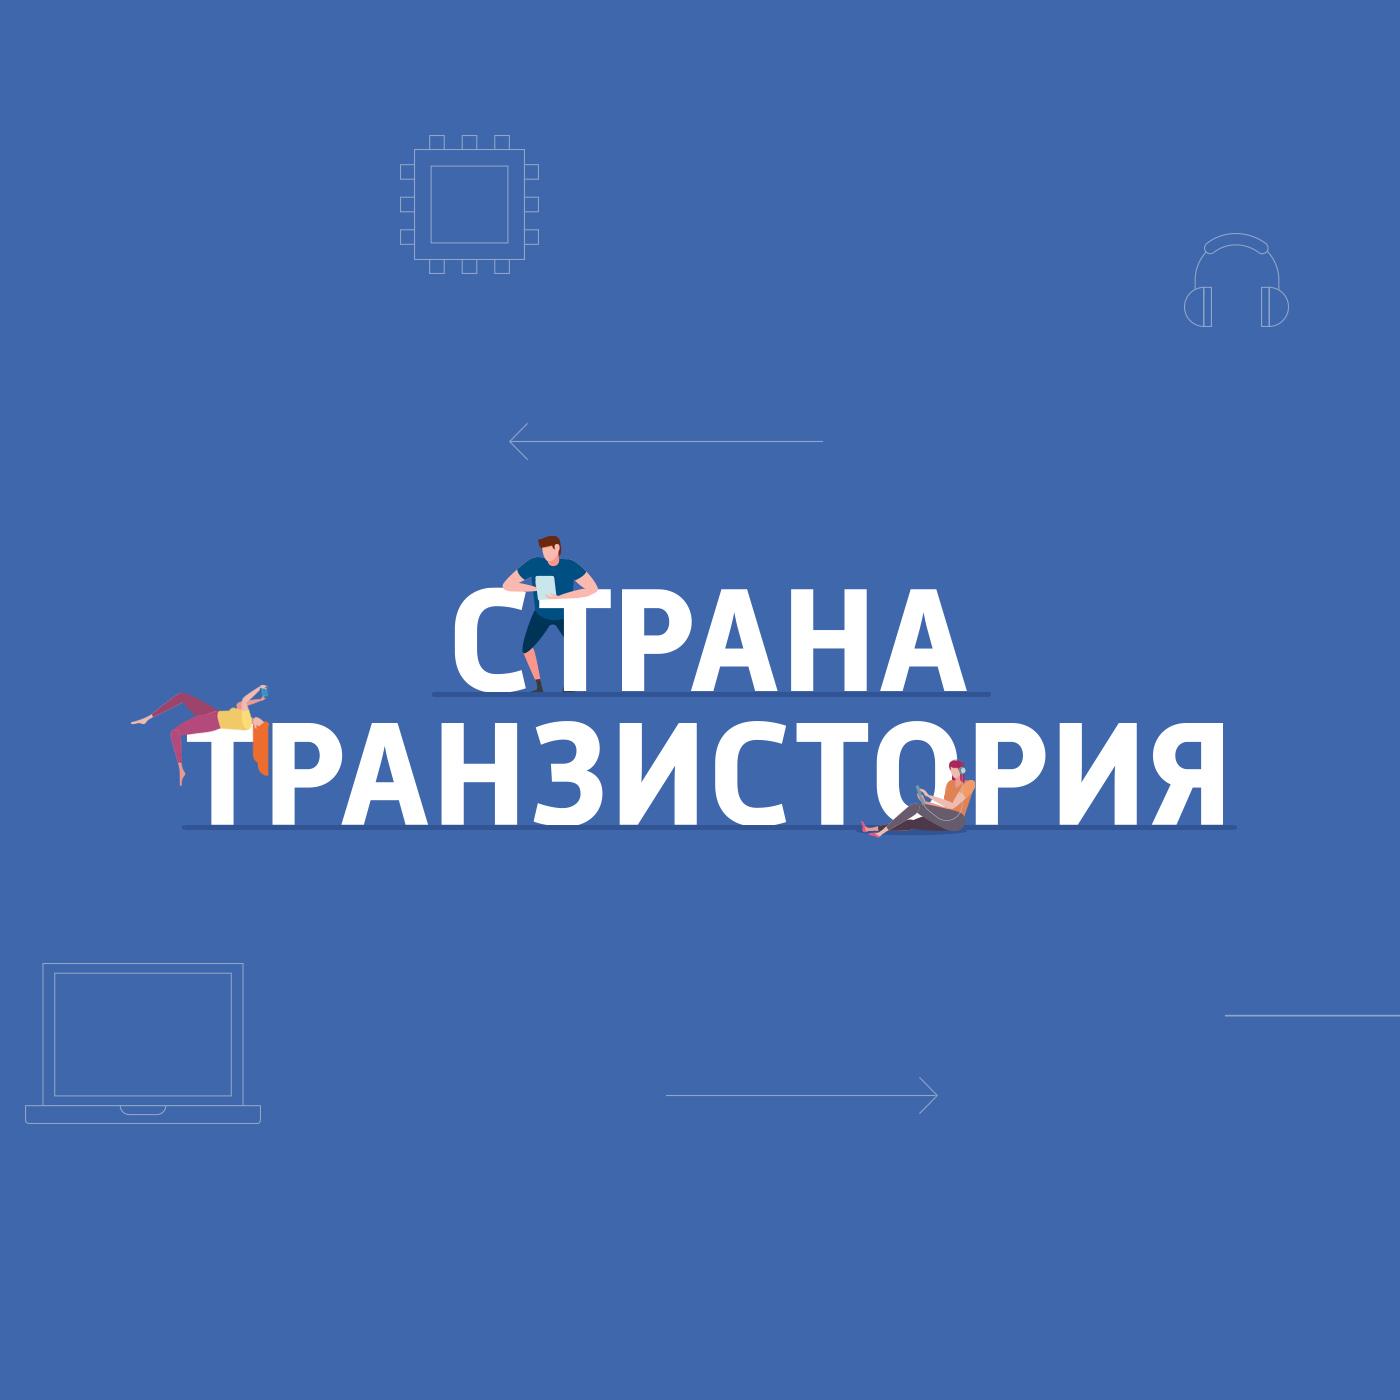 Картаев Павел Страна Транзистория: «Яндекс.Маркет» назвал главные гаджеты за последние 10 лет